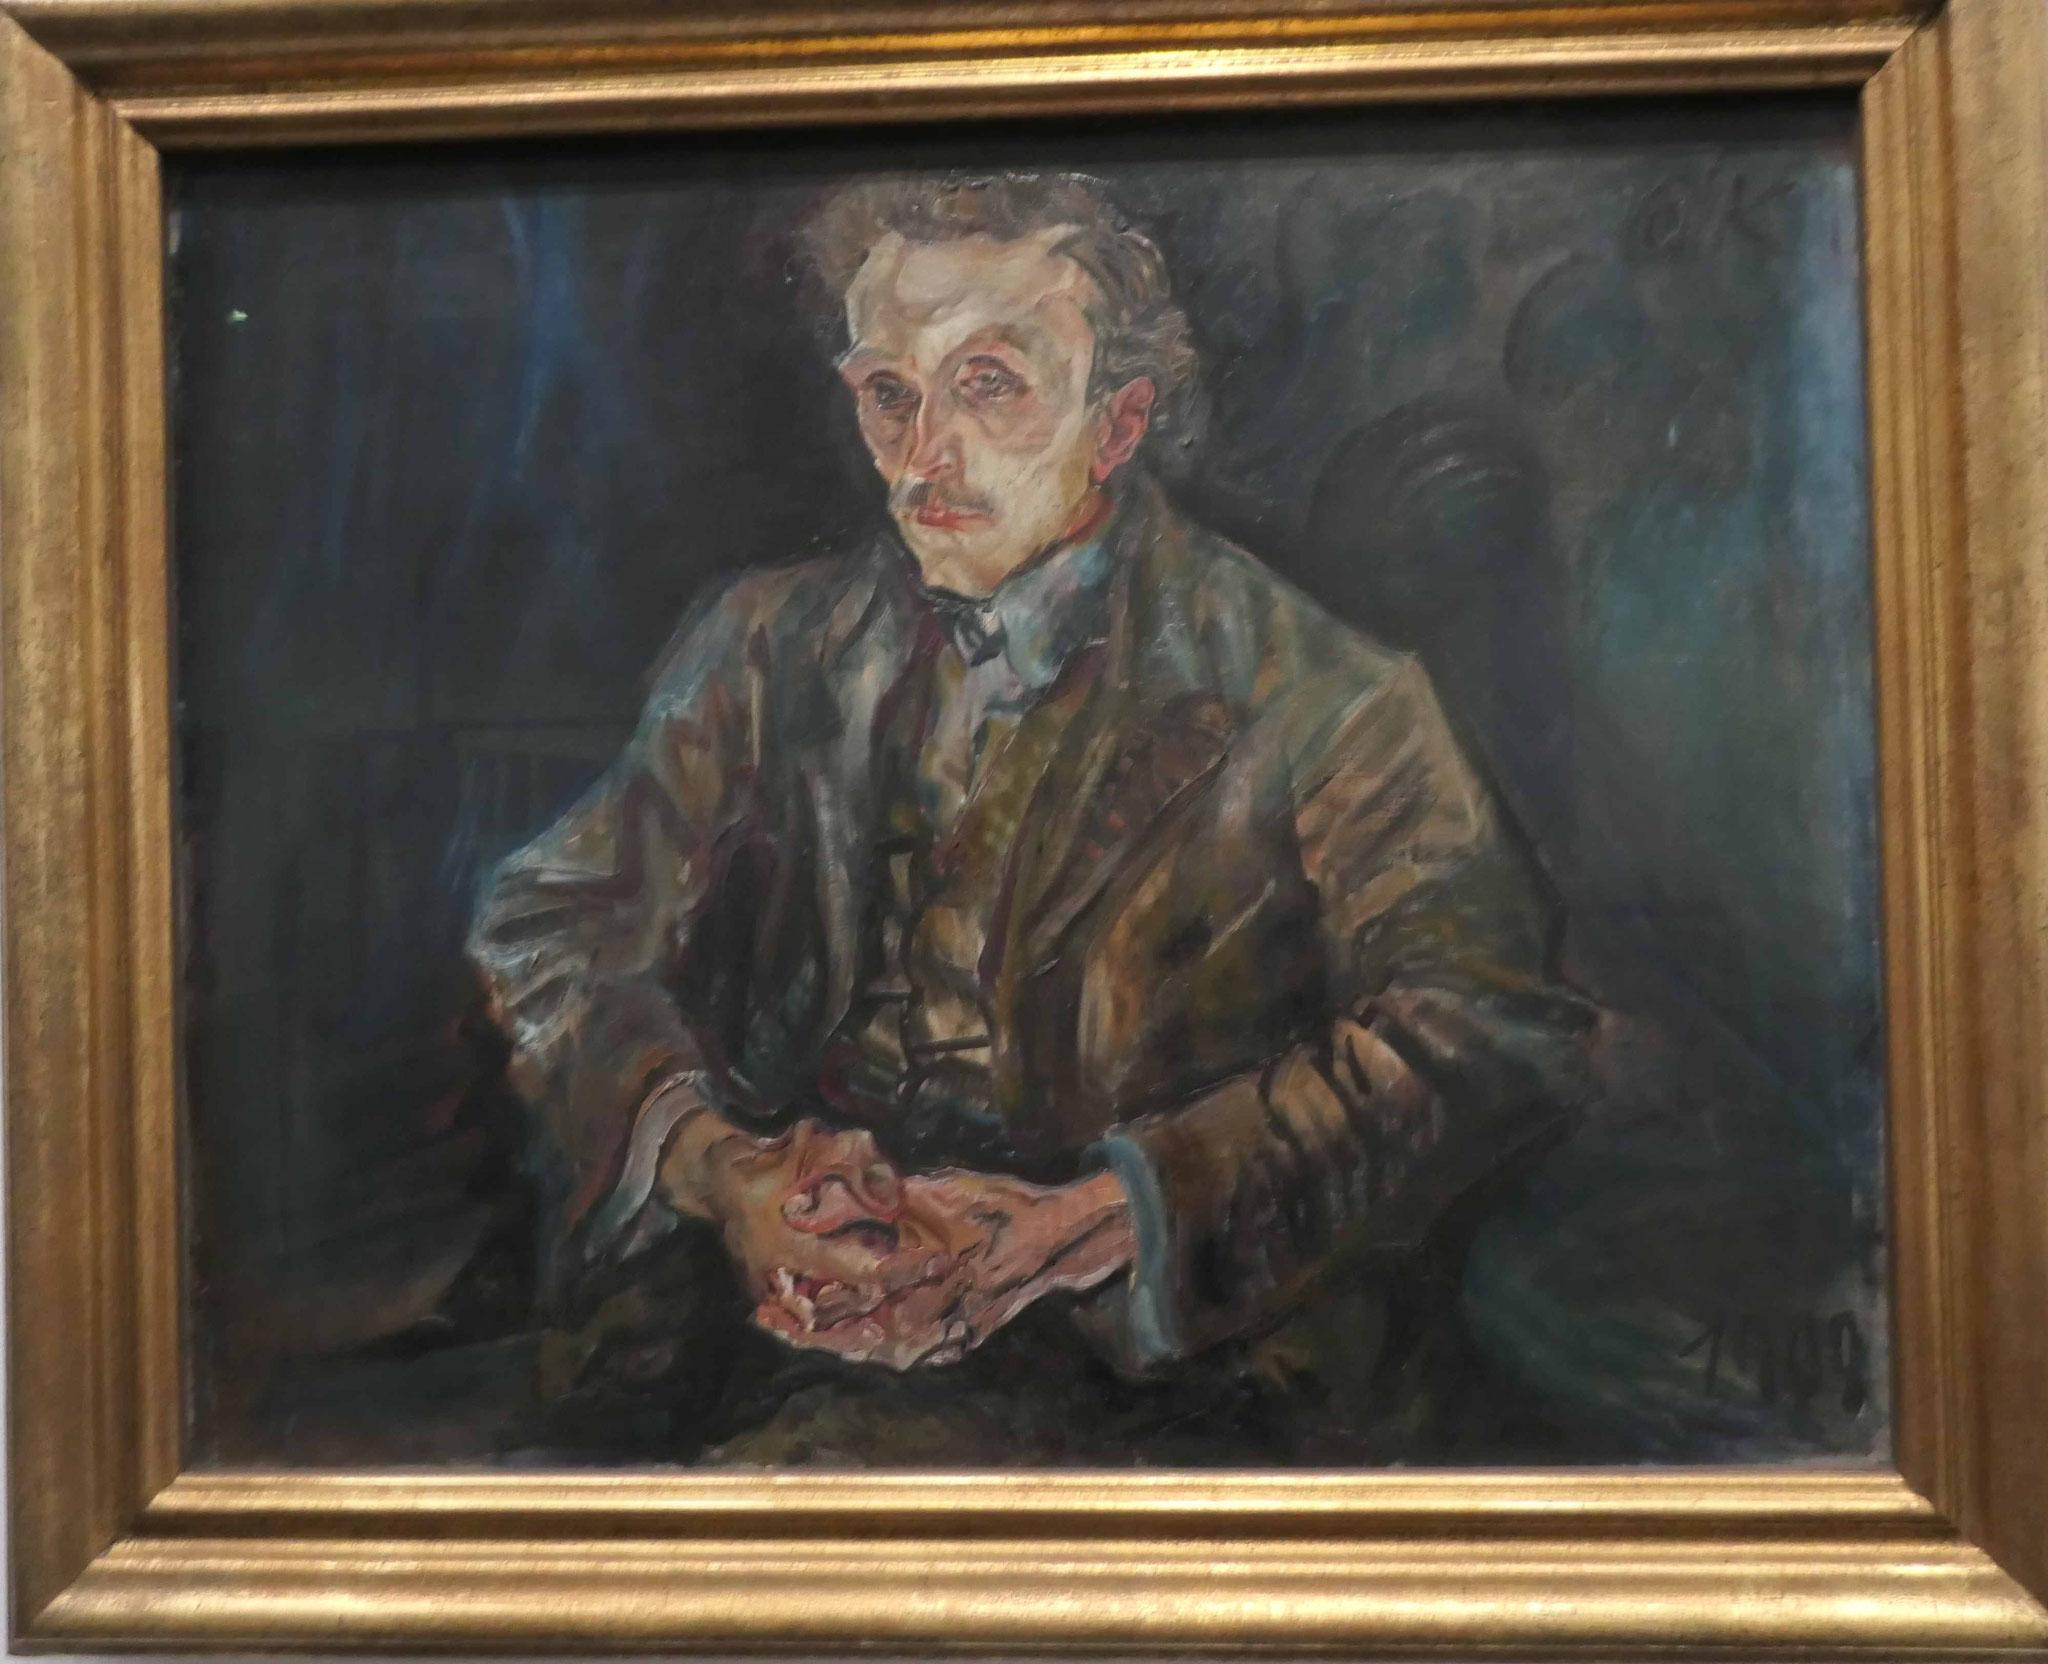 Oskar Kokoschka, Der Wiener Baumeister Adolf Loos, 1909, Neue Nationalgalerie Berlin